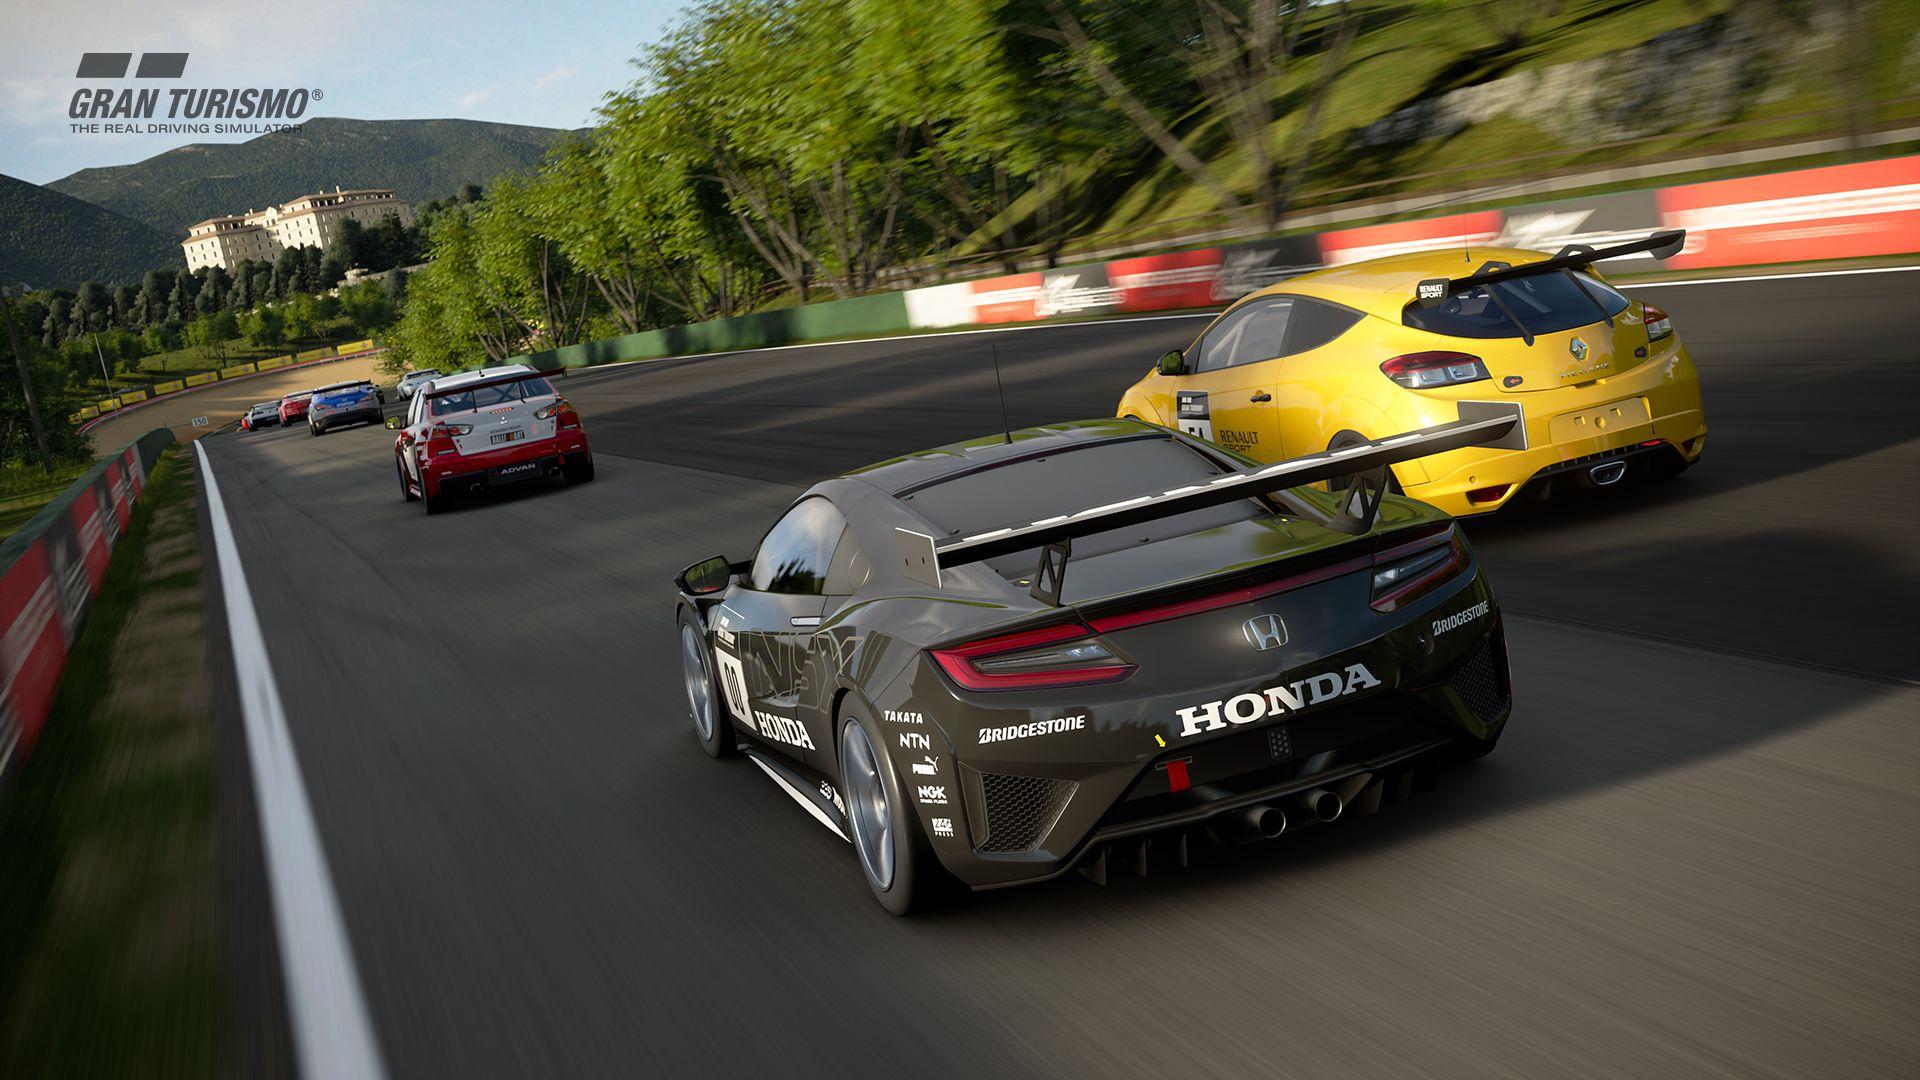 Lista vazada revela mais de 120 carros em Gran Turismo ...